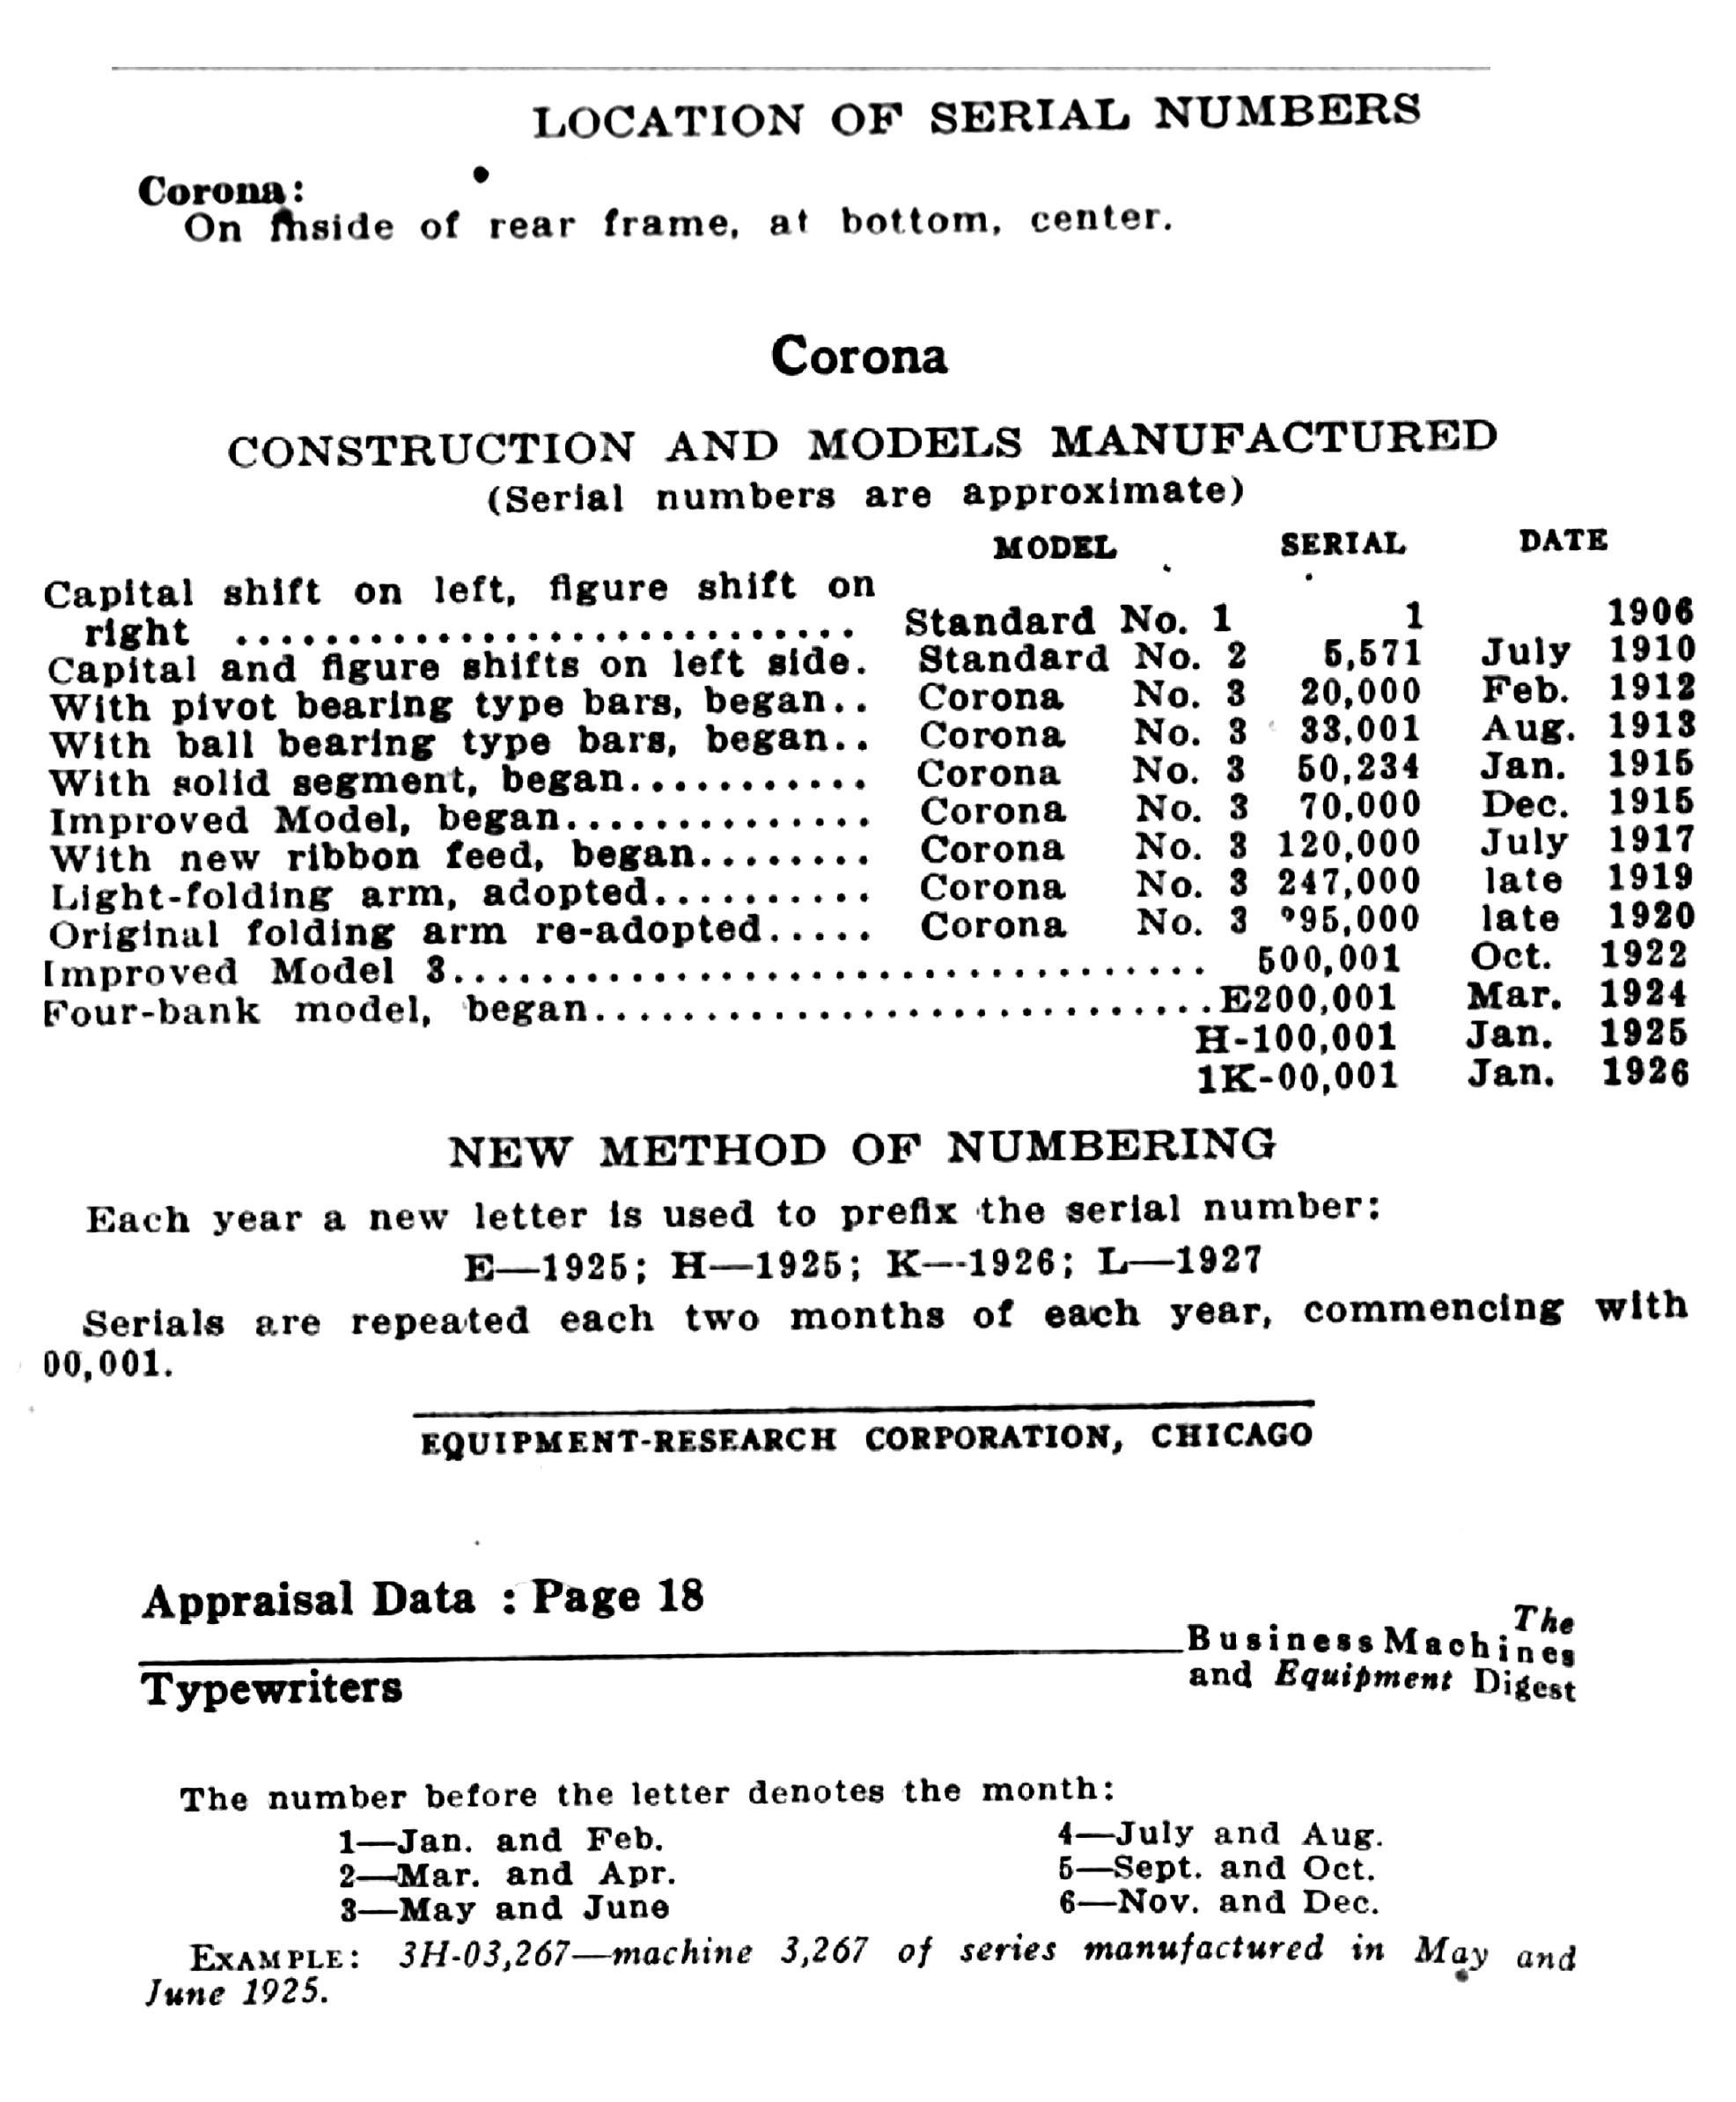 busequipdigest-1928-corona